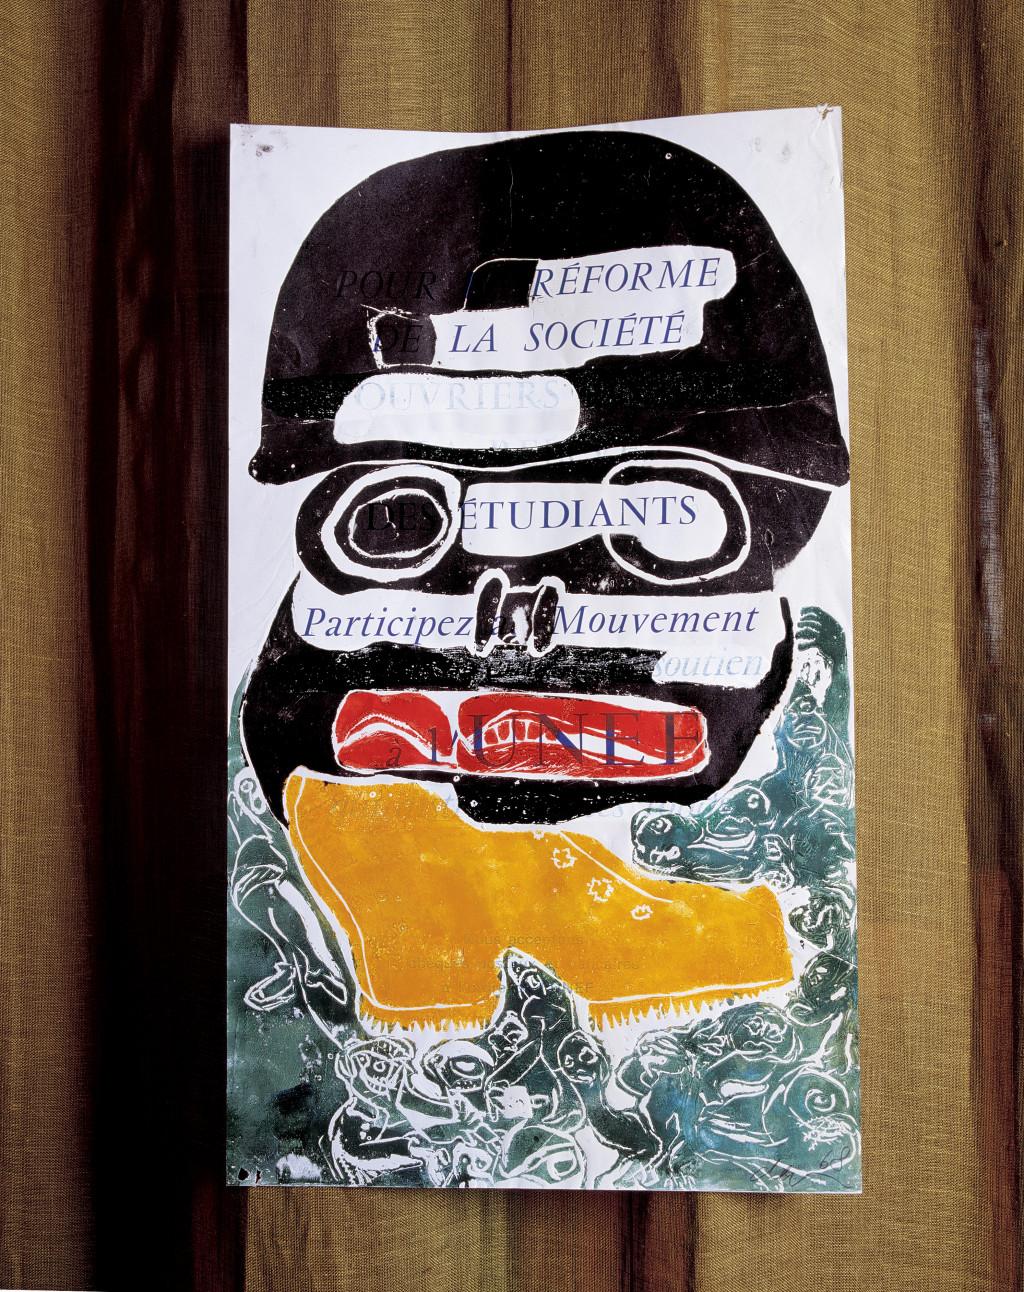 Jacqueline de Jong, 'Réformé la société ouvriers étudiants', 1968, affiche. Courtesy de kunstenaar.